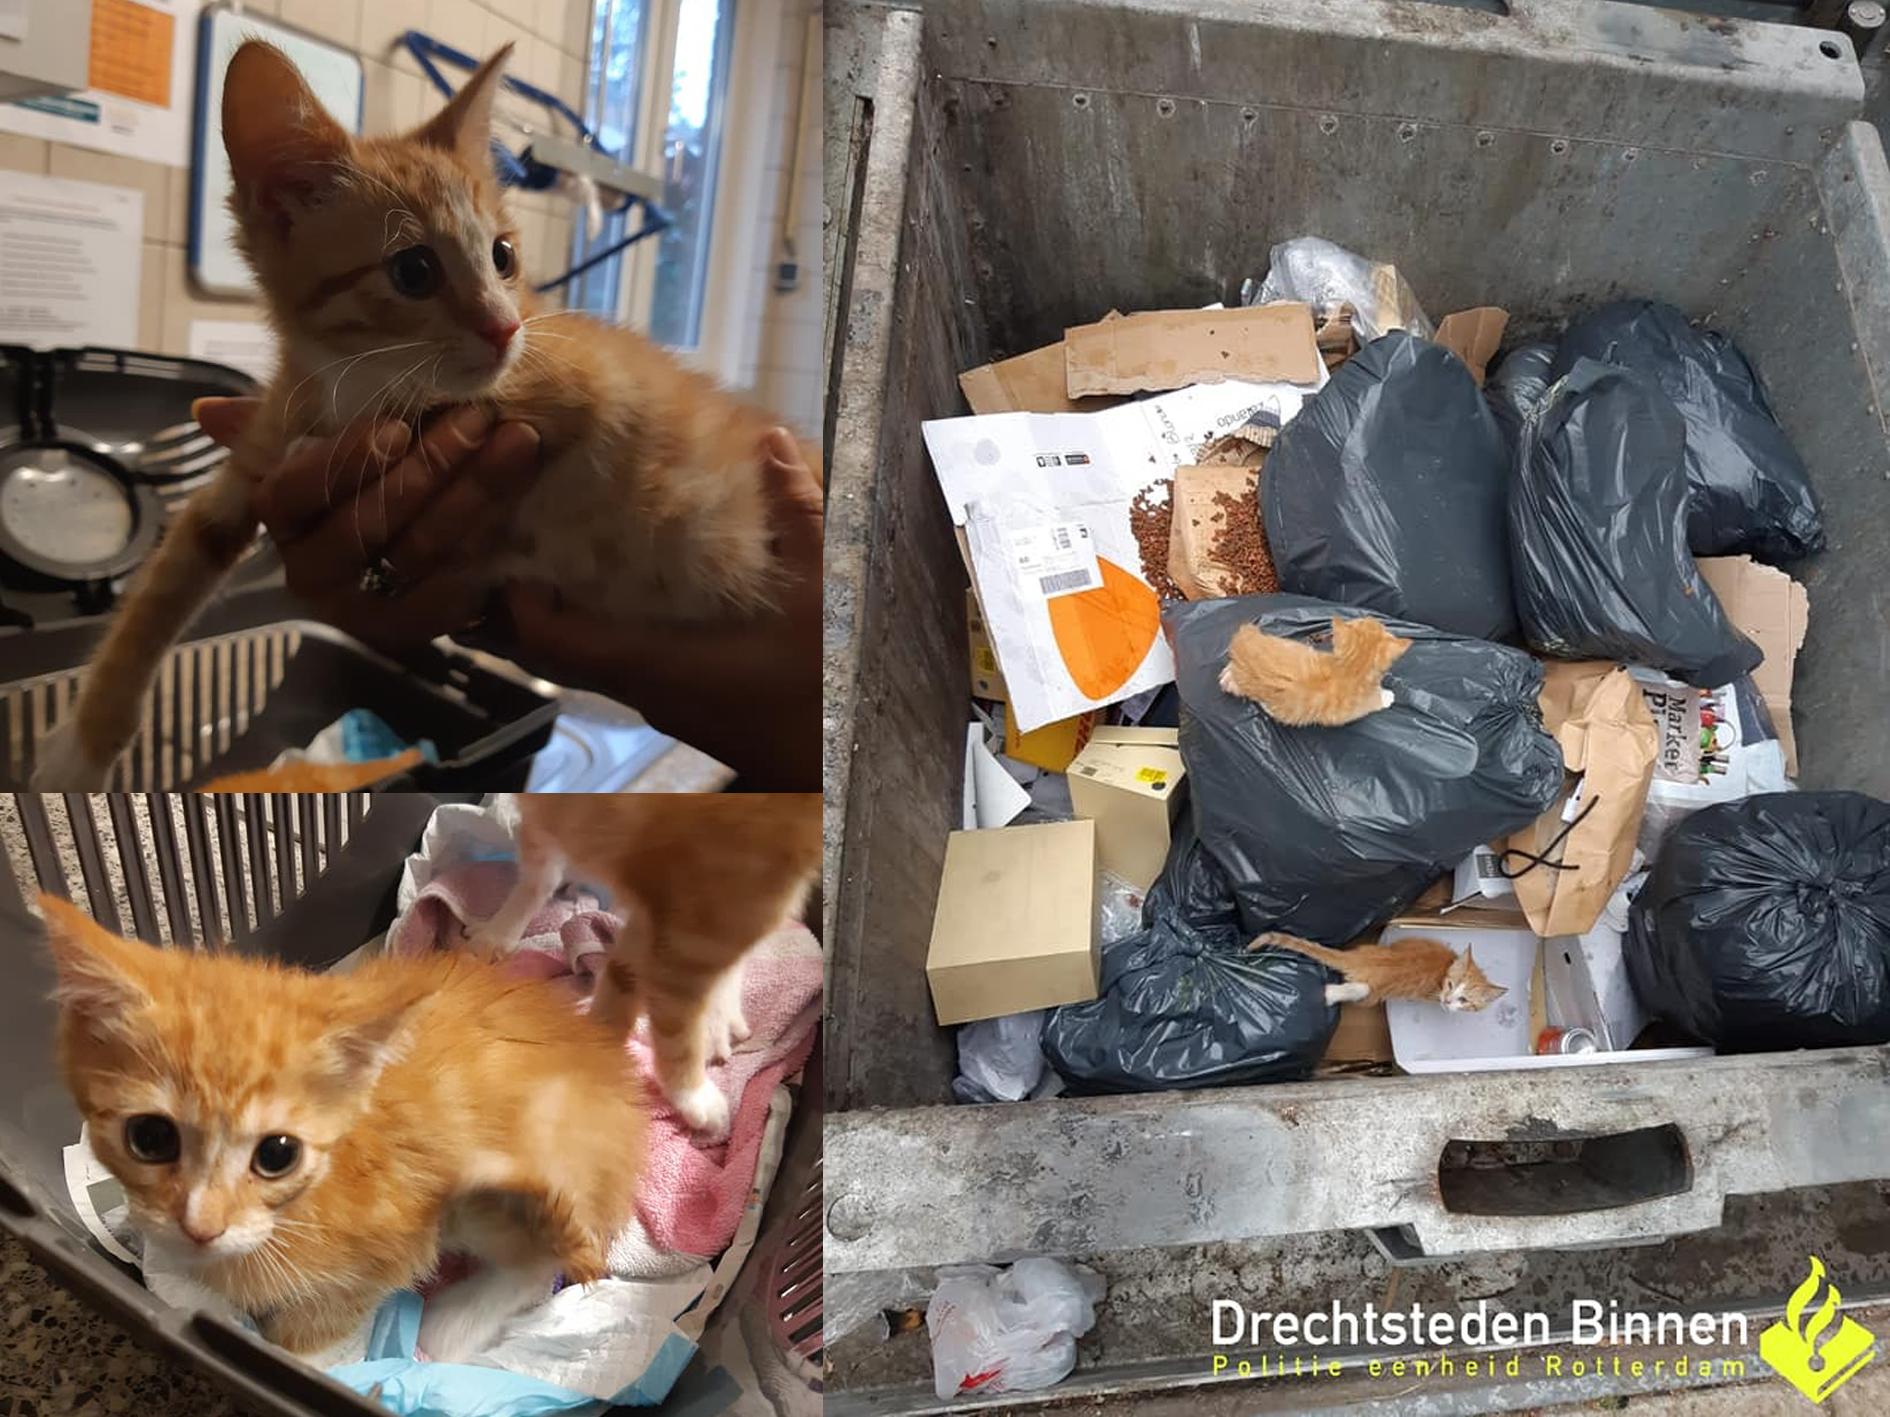 Vier jonge katjes gedumpt in afvalcontainer Dordrecht